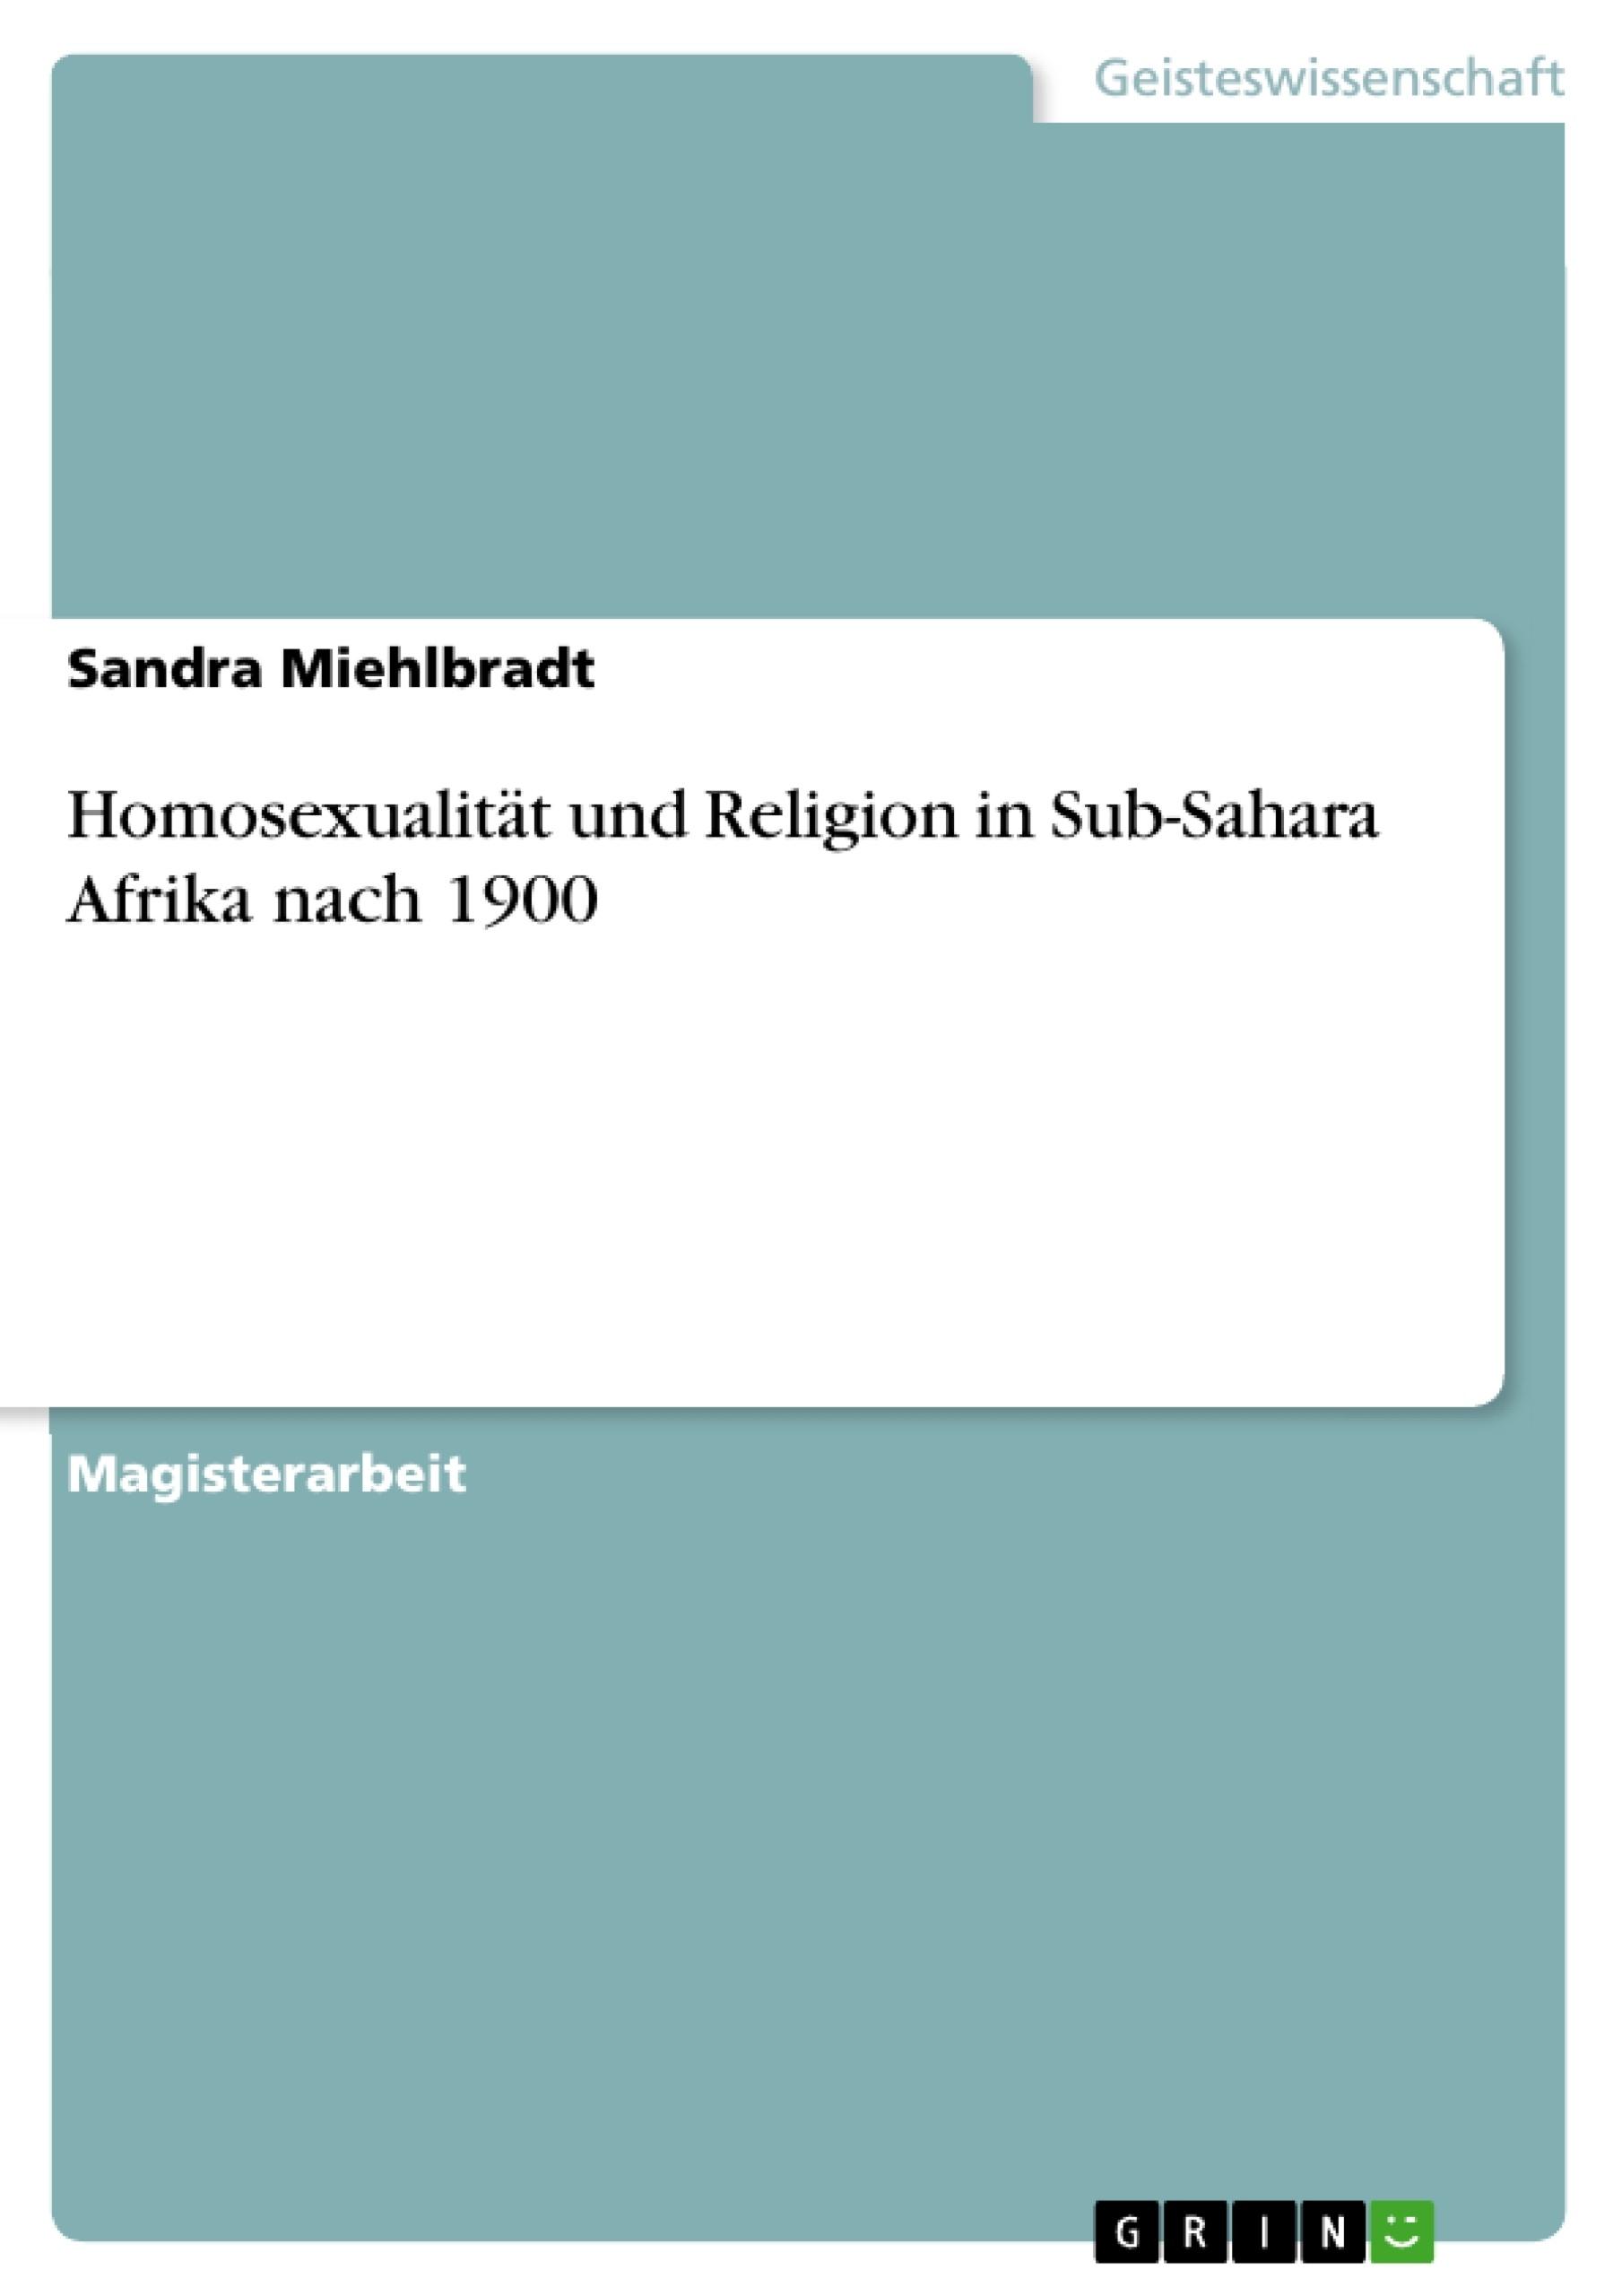 Titel: Homosexualität und Religion in Sub-Sahara Afrika nach 1900